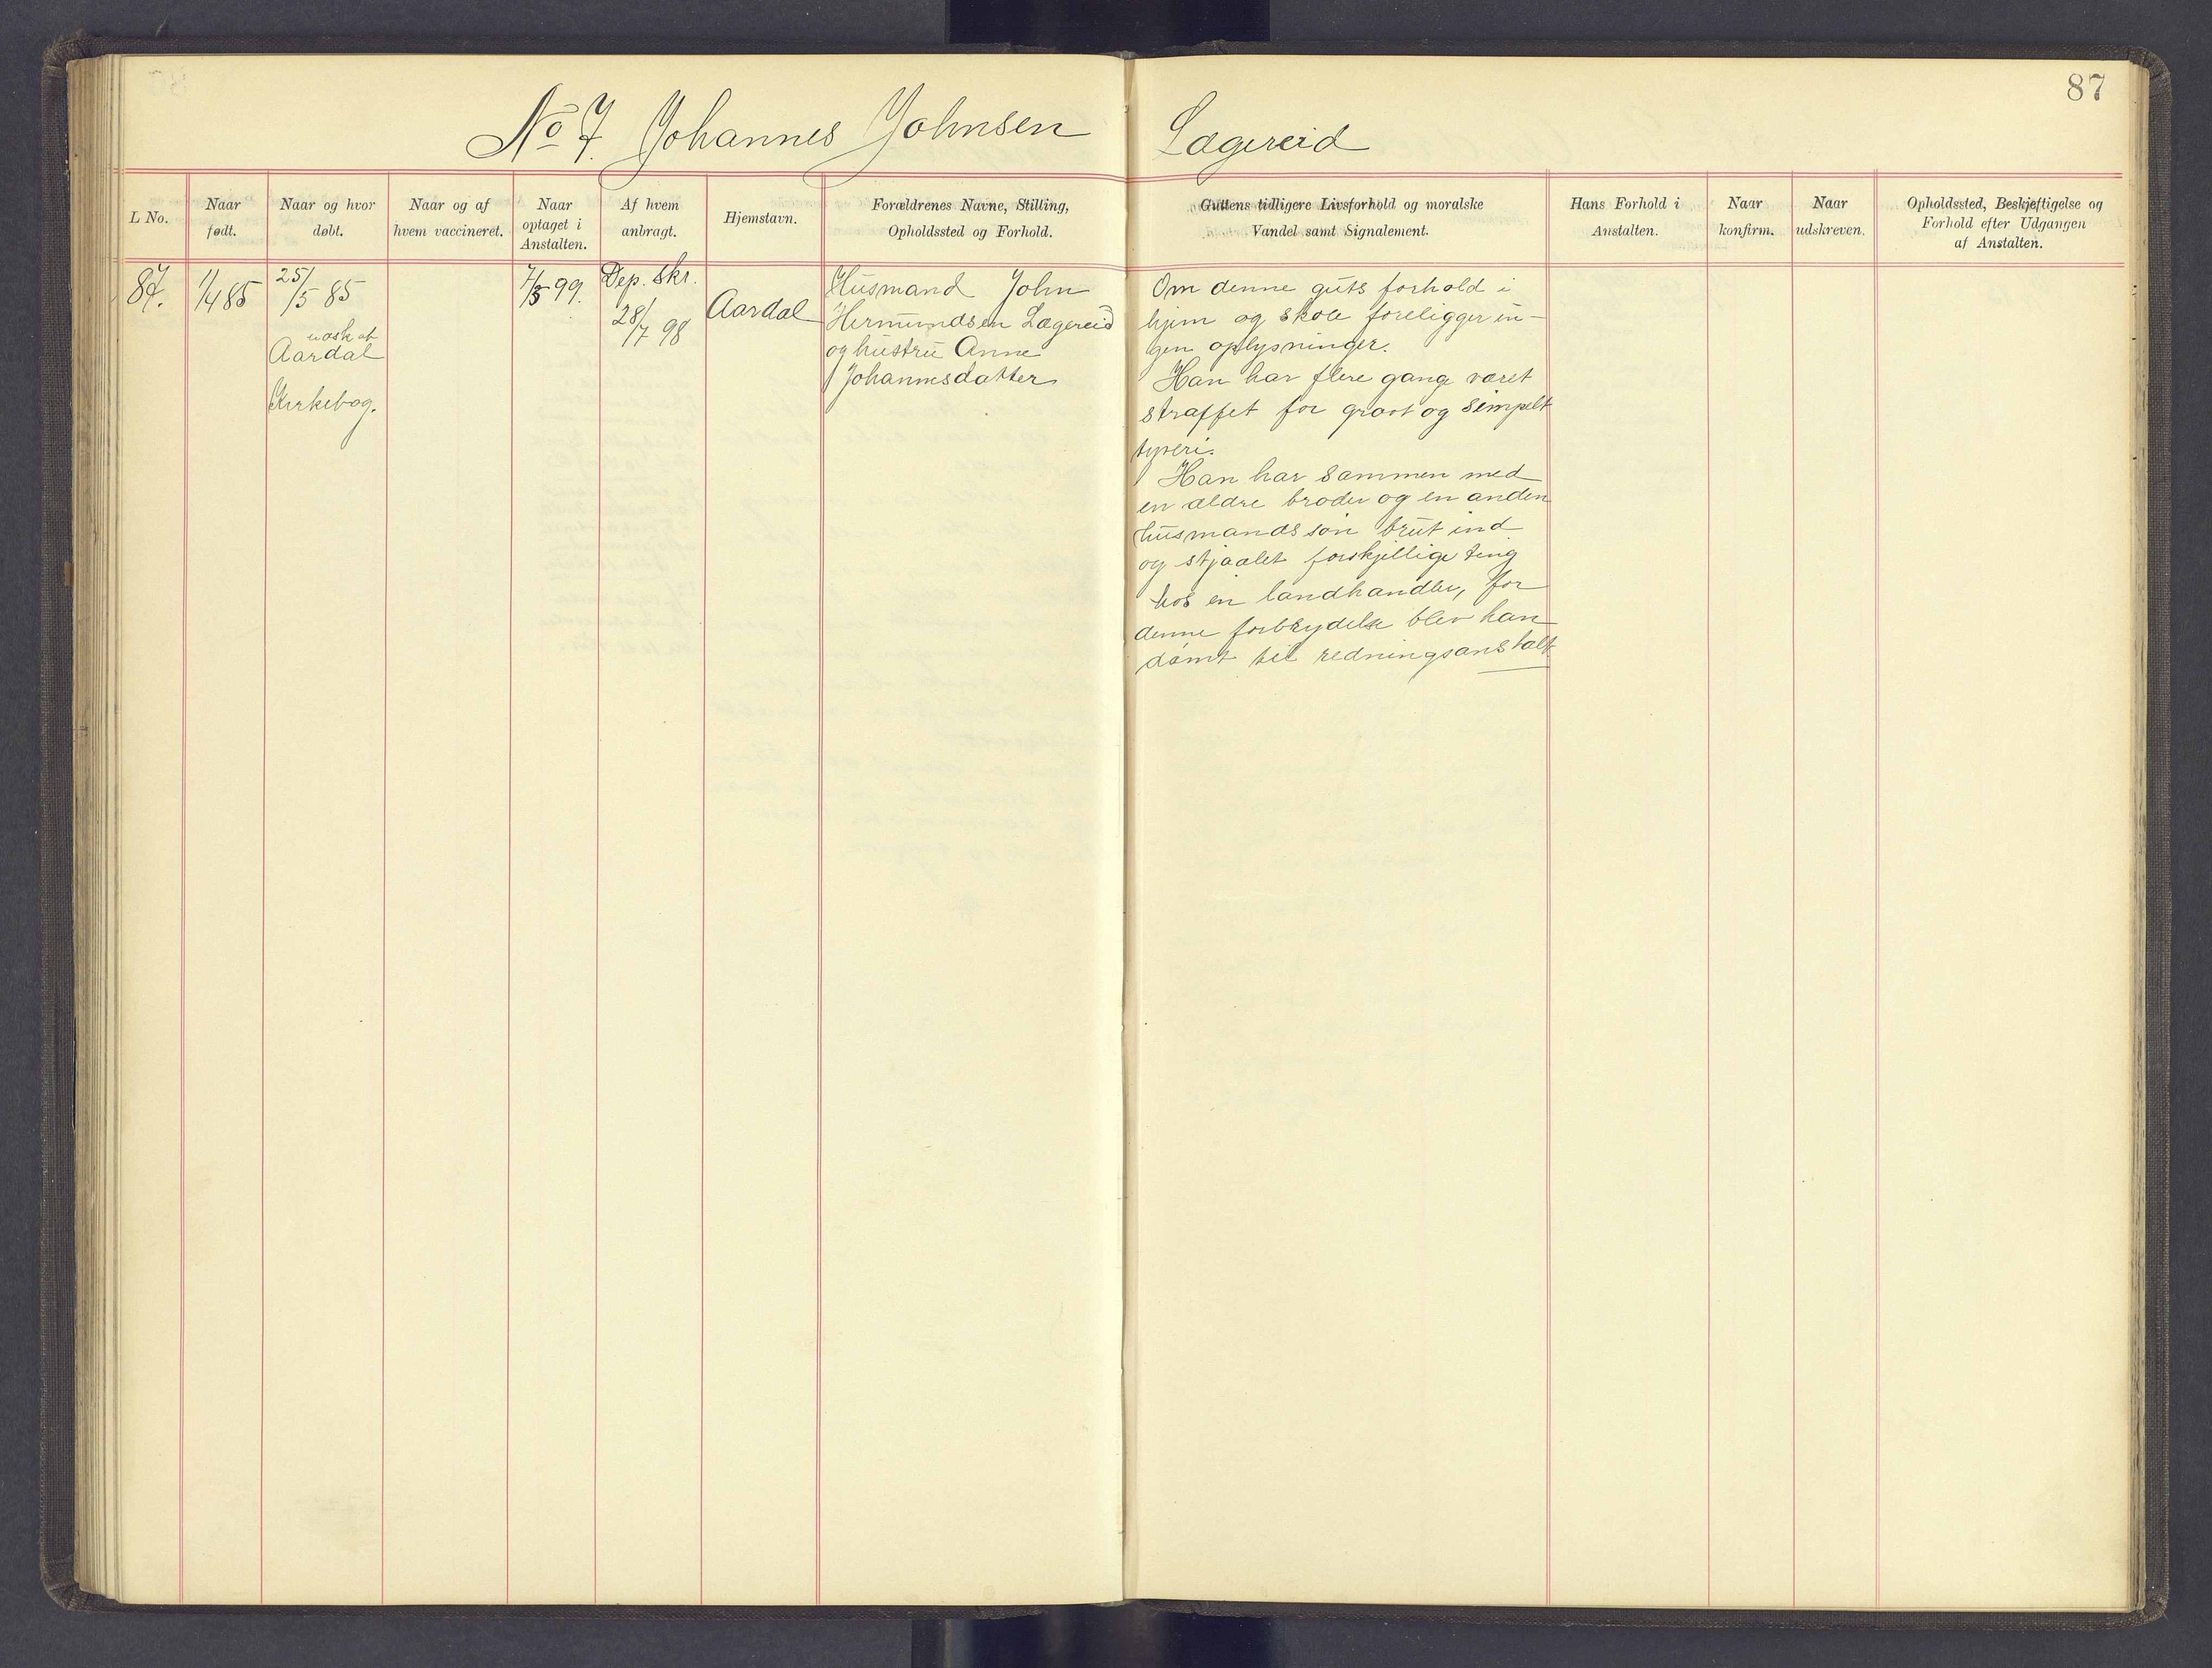 SAH, Toftes Gave, F/Fc/L0005: Elevprotokoll, 1897-1900, s. 87